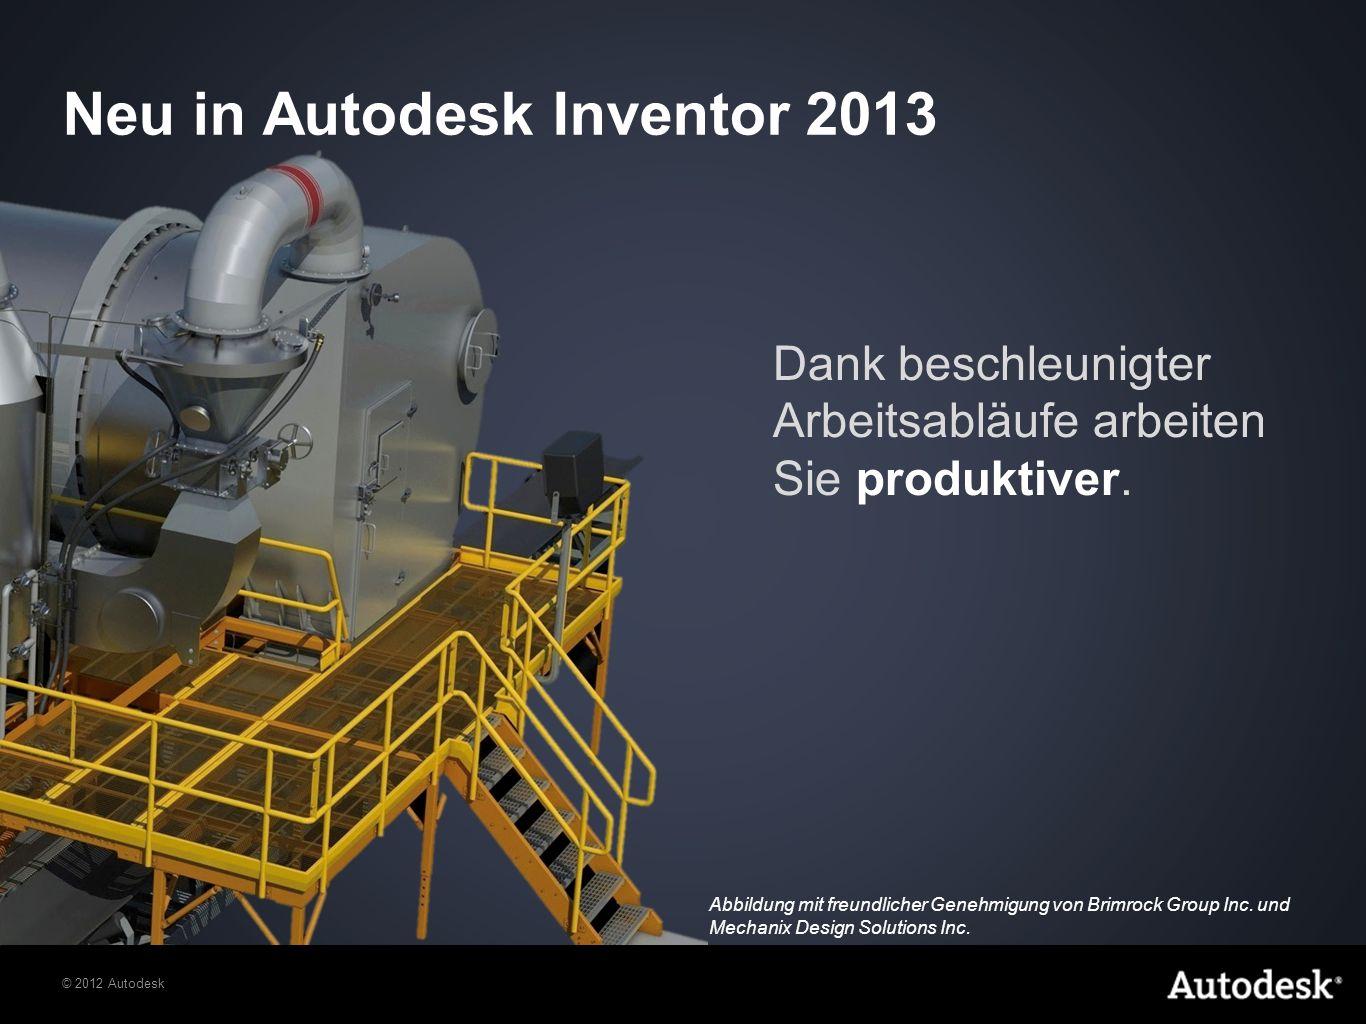 © 2012 Autodesk Inventor 2013 beinhaltet zahlreiche von Anwendern angeregte Verbesserungen für die Teile- und Baugruppenerstellung.